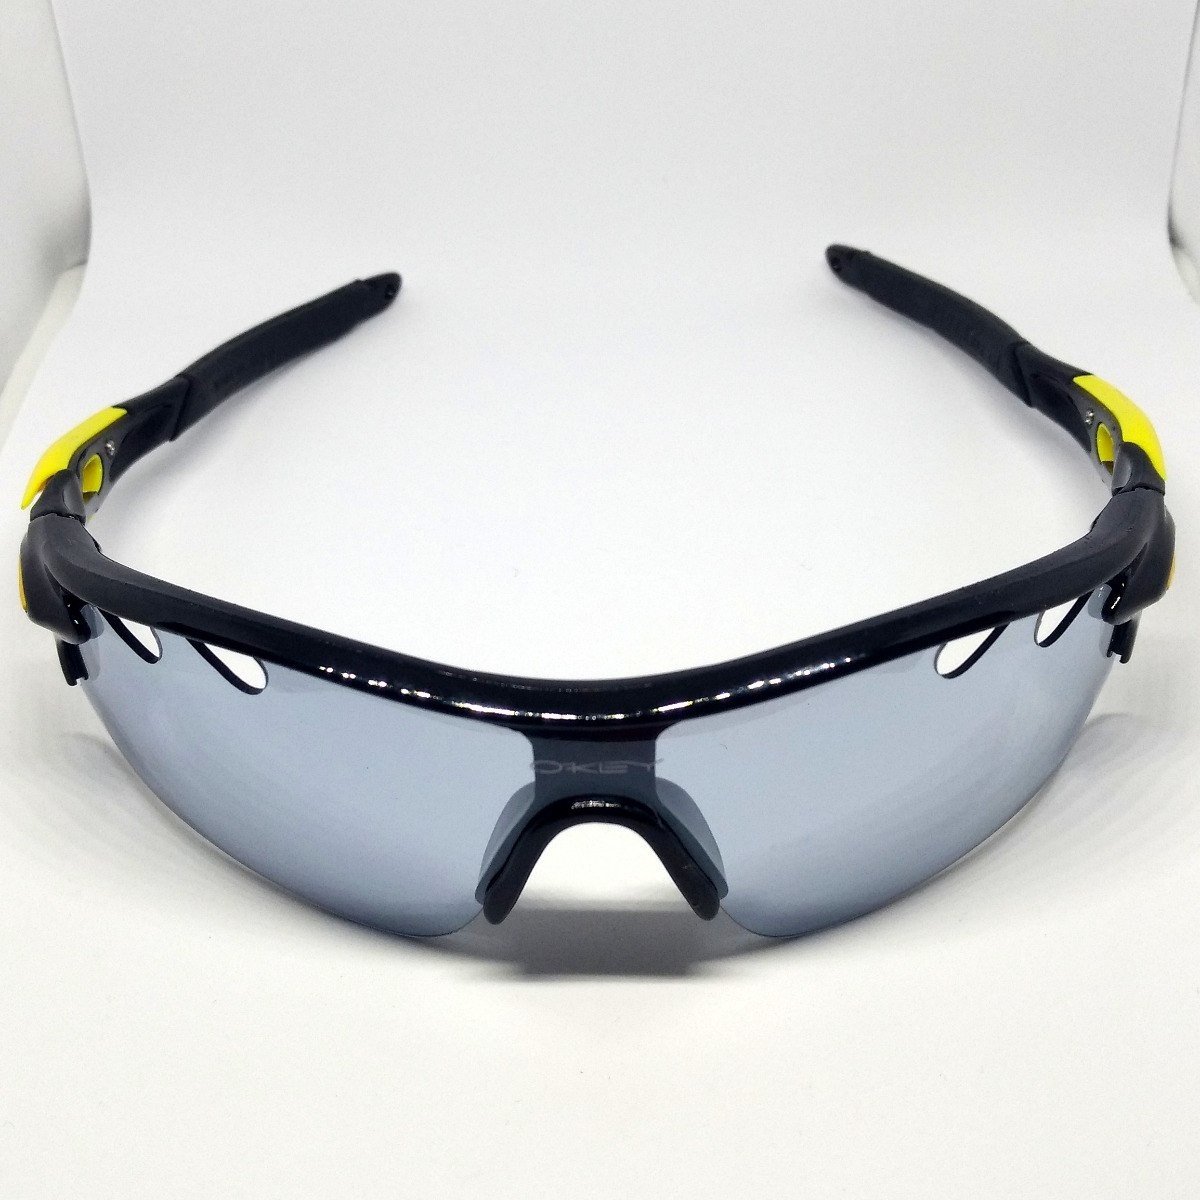 oculos visao noturna tática ciclismo pesca dirigir a noite. Carregando zoom. 06c0d0d588